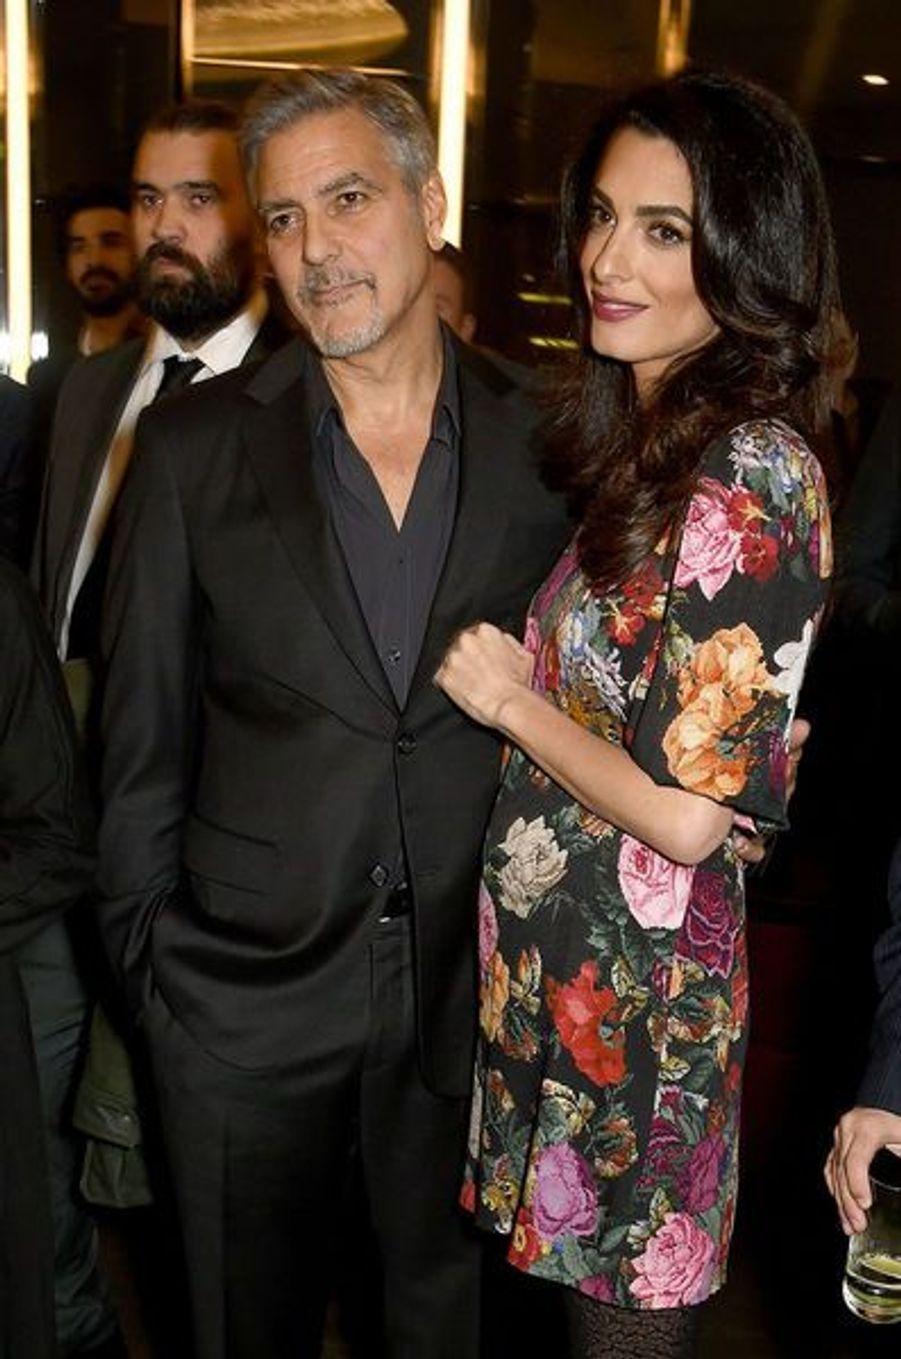 Amal Clooney en robe à fleurs Dolce & Gabbana, valeur de cette pièce mode 1800 dollars.